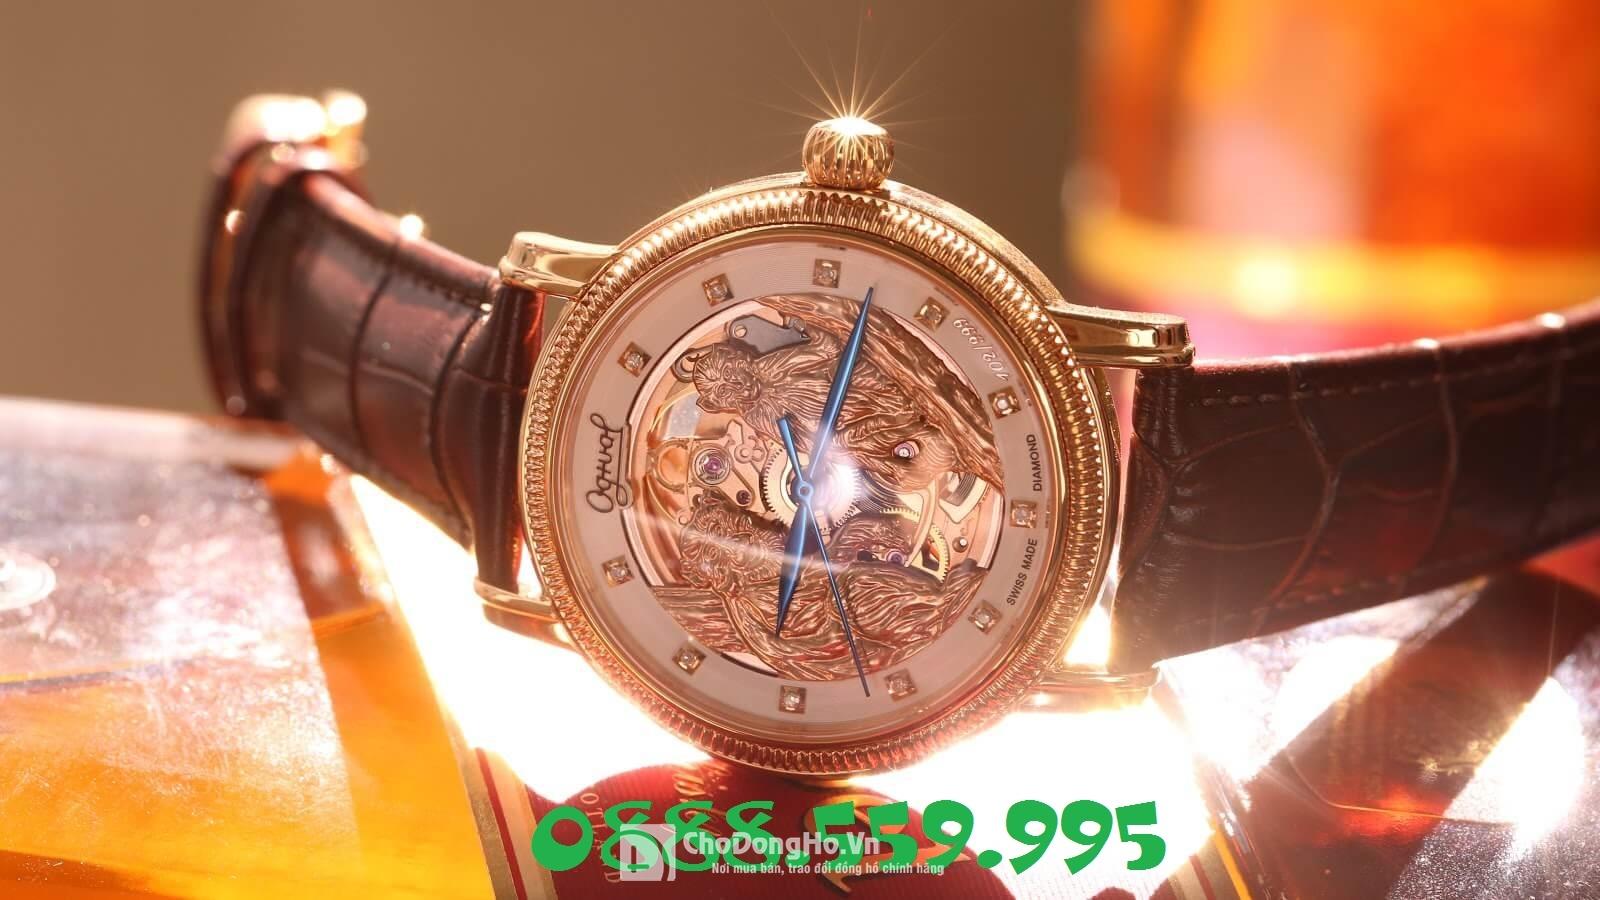 Thu mua đồng hồ cũ giá cao 0888.559.995